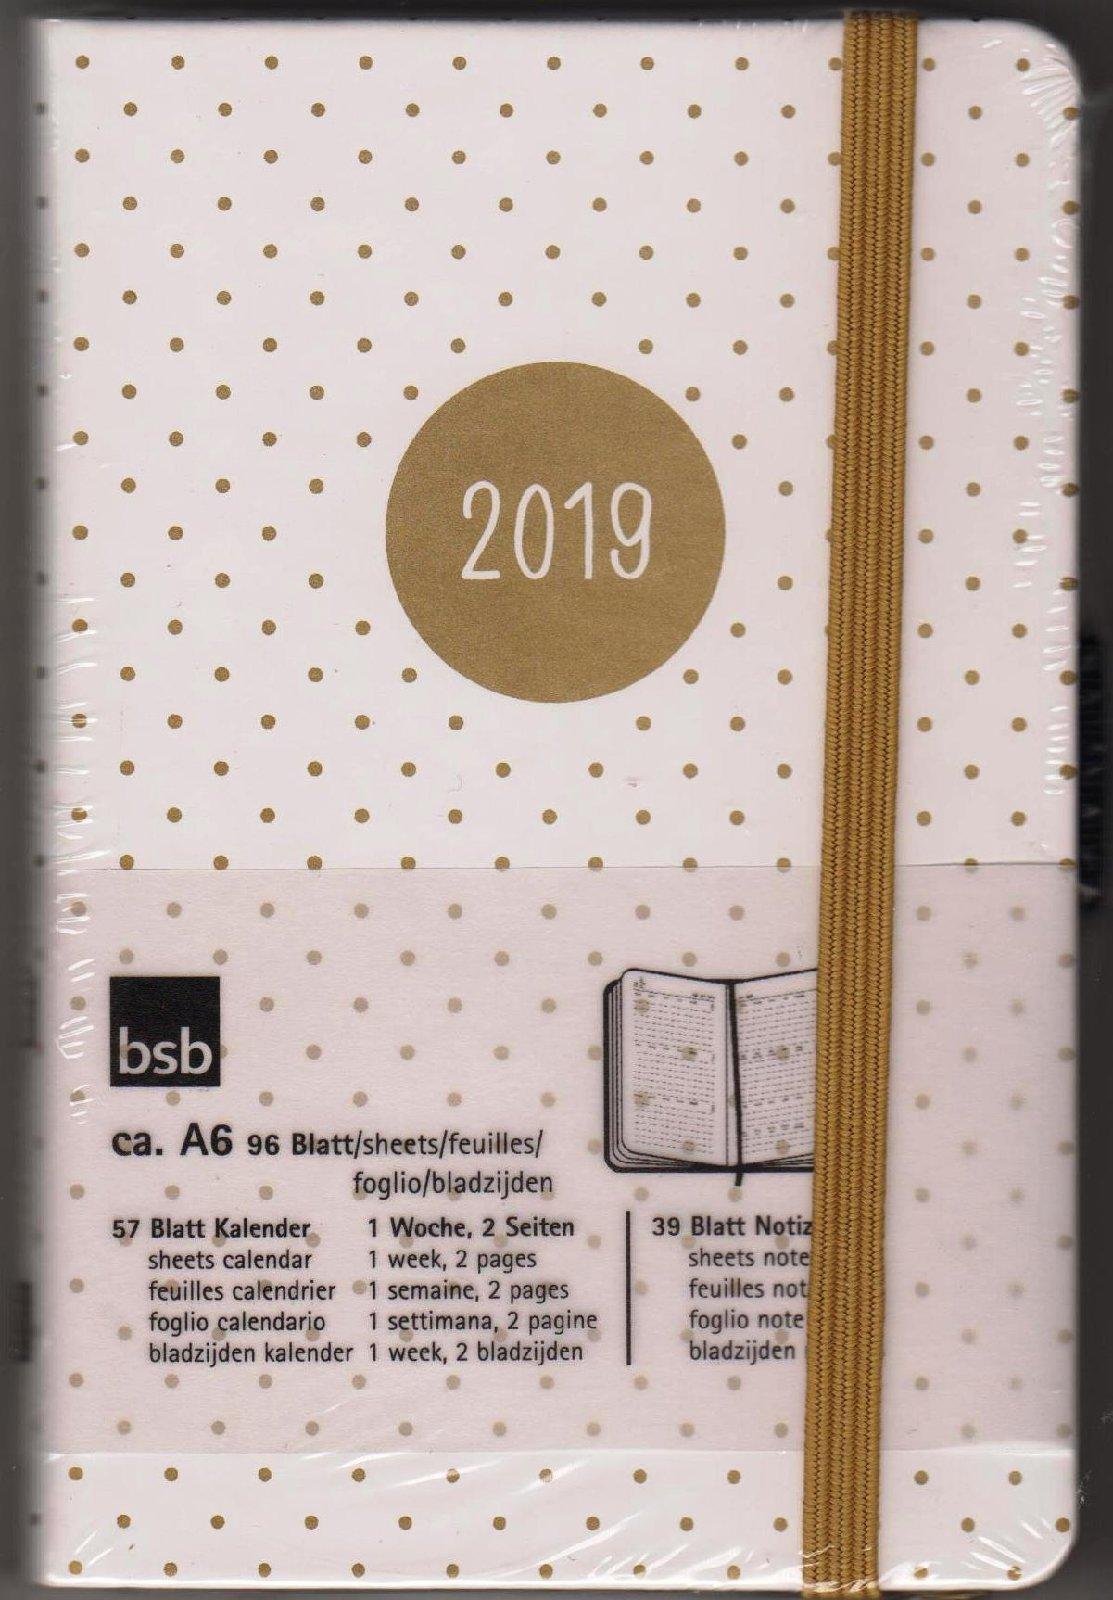 Organiser De Bsb V Book A6 Weiß Gold Punkte 2019